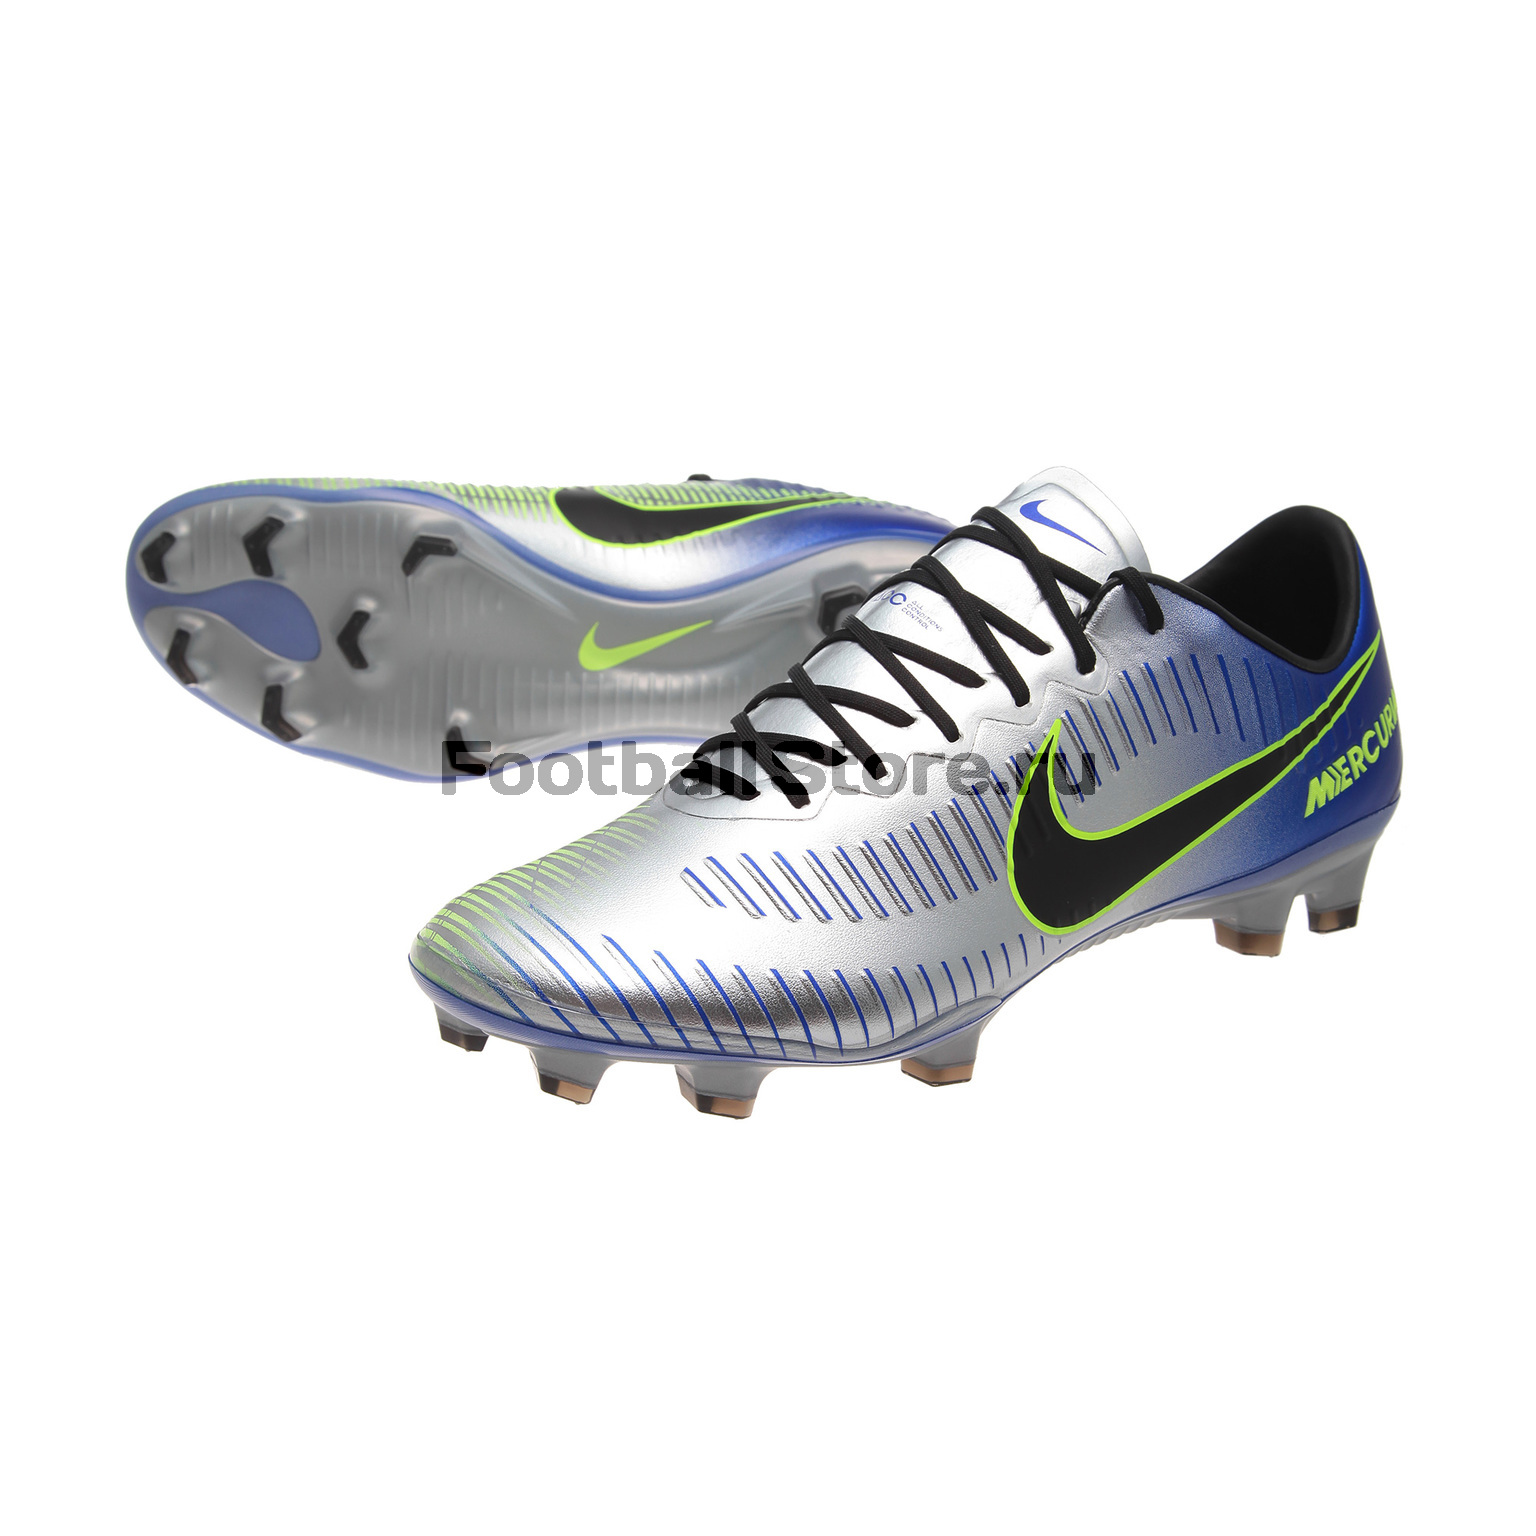 Бутсы Nike Mercurial Vapor XI Neymar FG 921547-407 бутсы футбольные nike mercurial victory vi njr fg 921488 407 jr детские